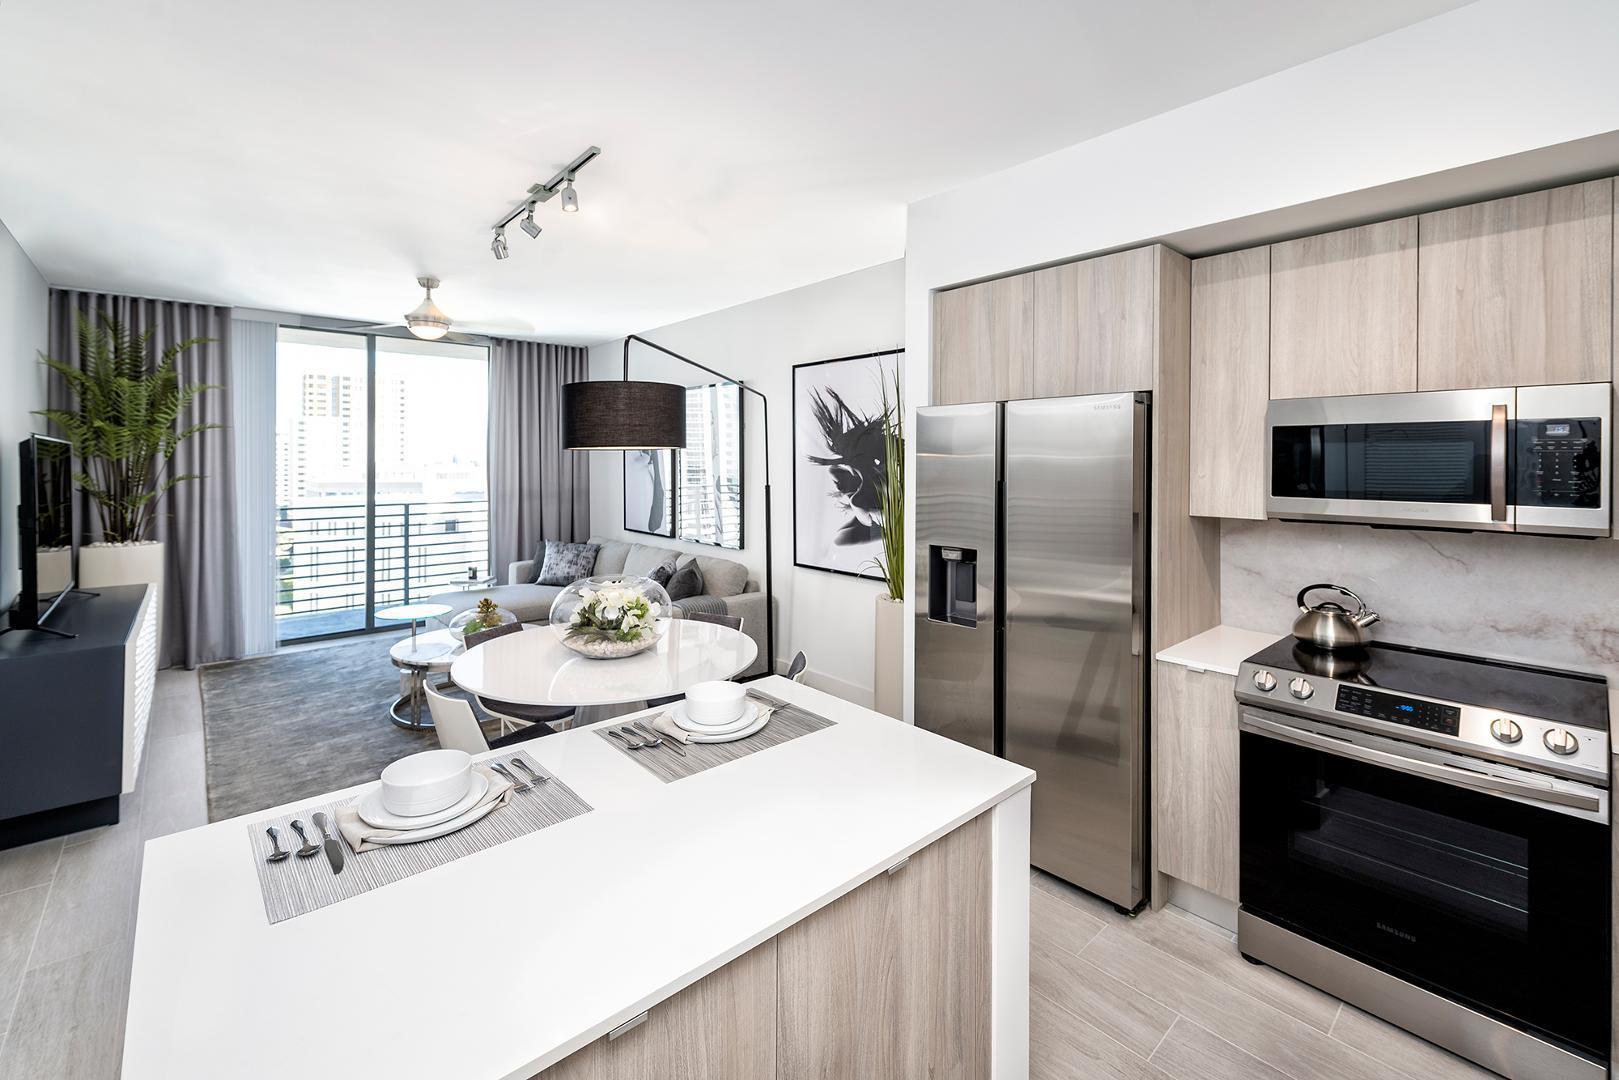 416 SW 1st Avenue #103, Fort Lauderdale, FL - $5,695 USD/ month